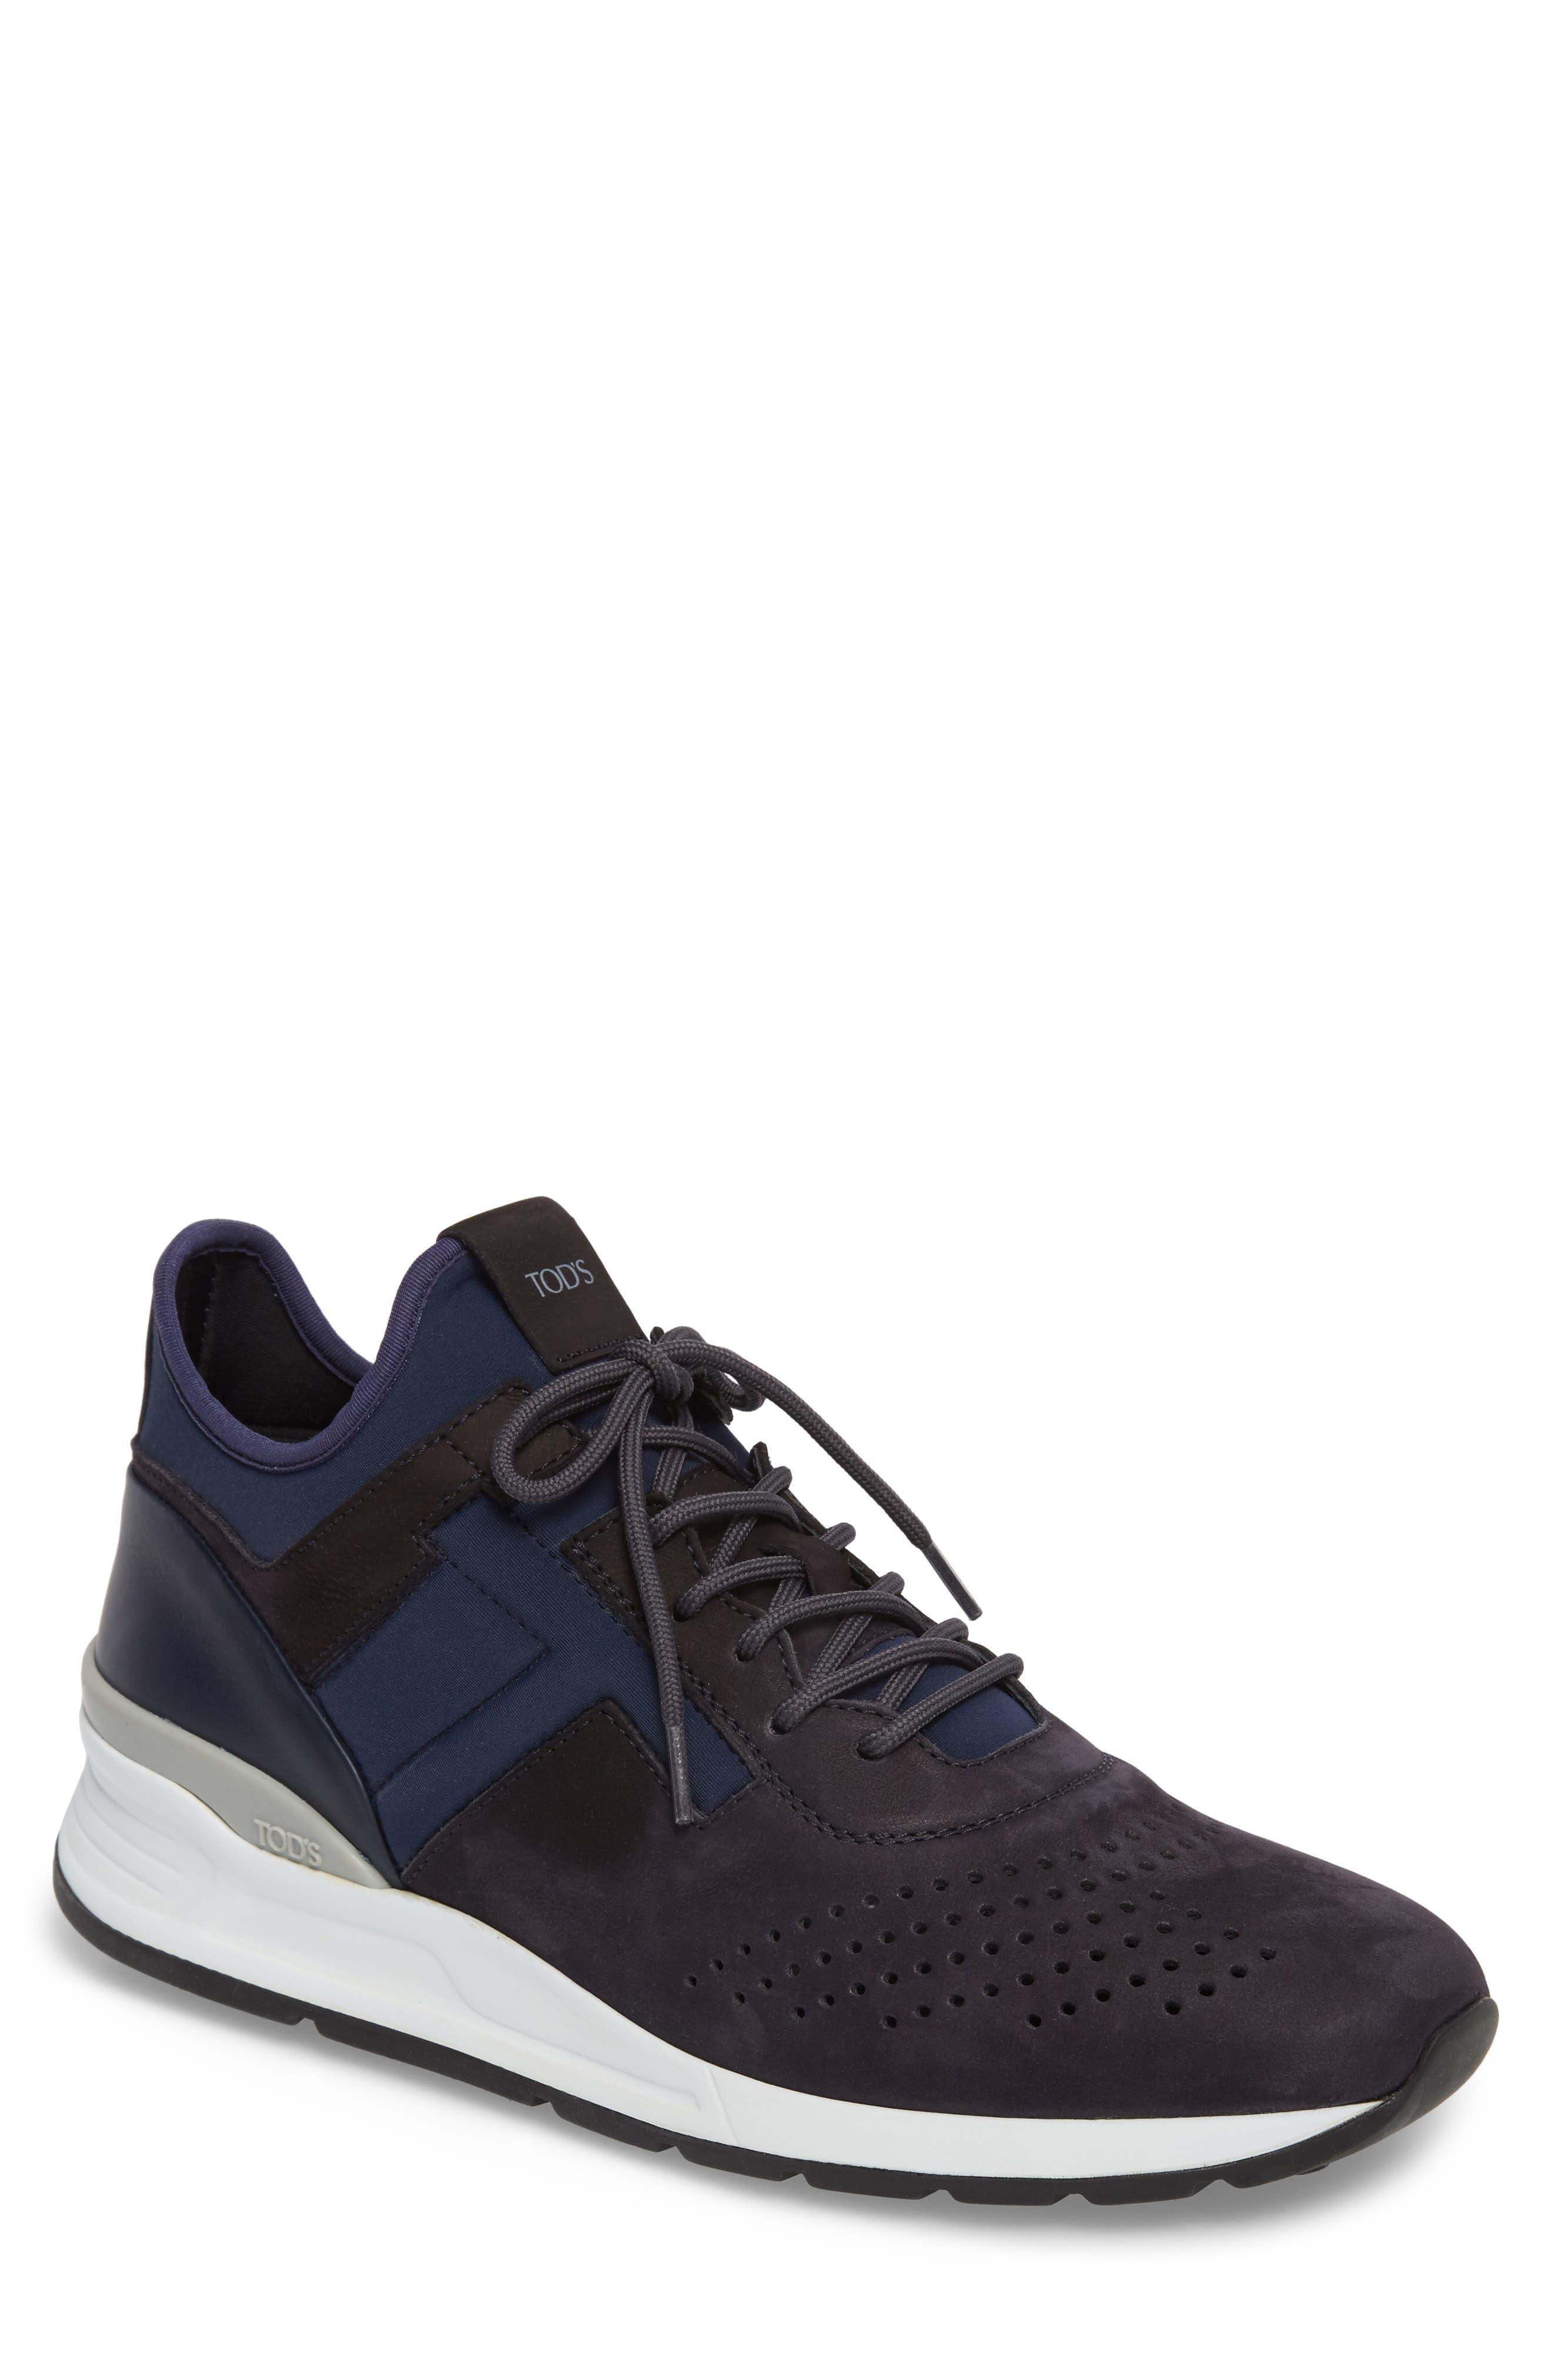 Tod's Trainer Sneaker (Men)